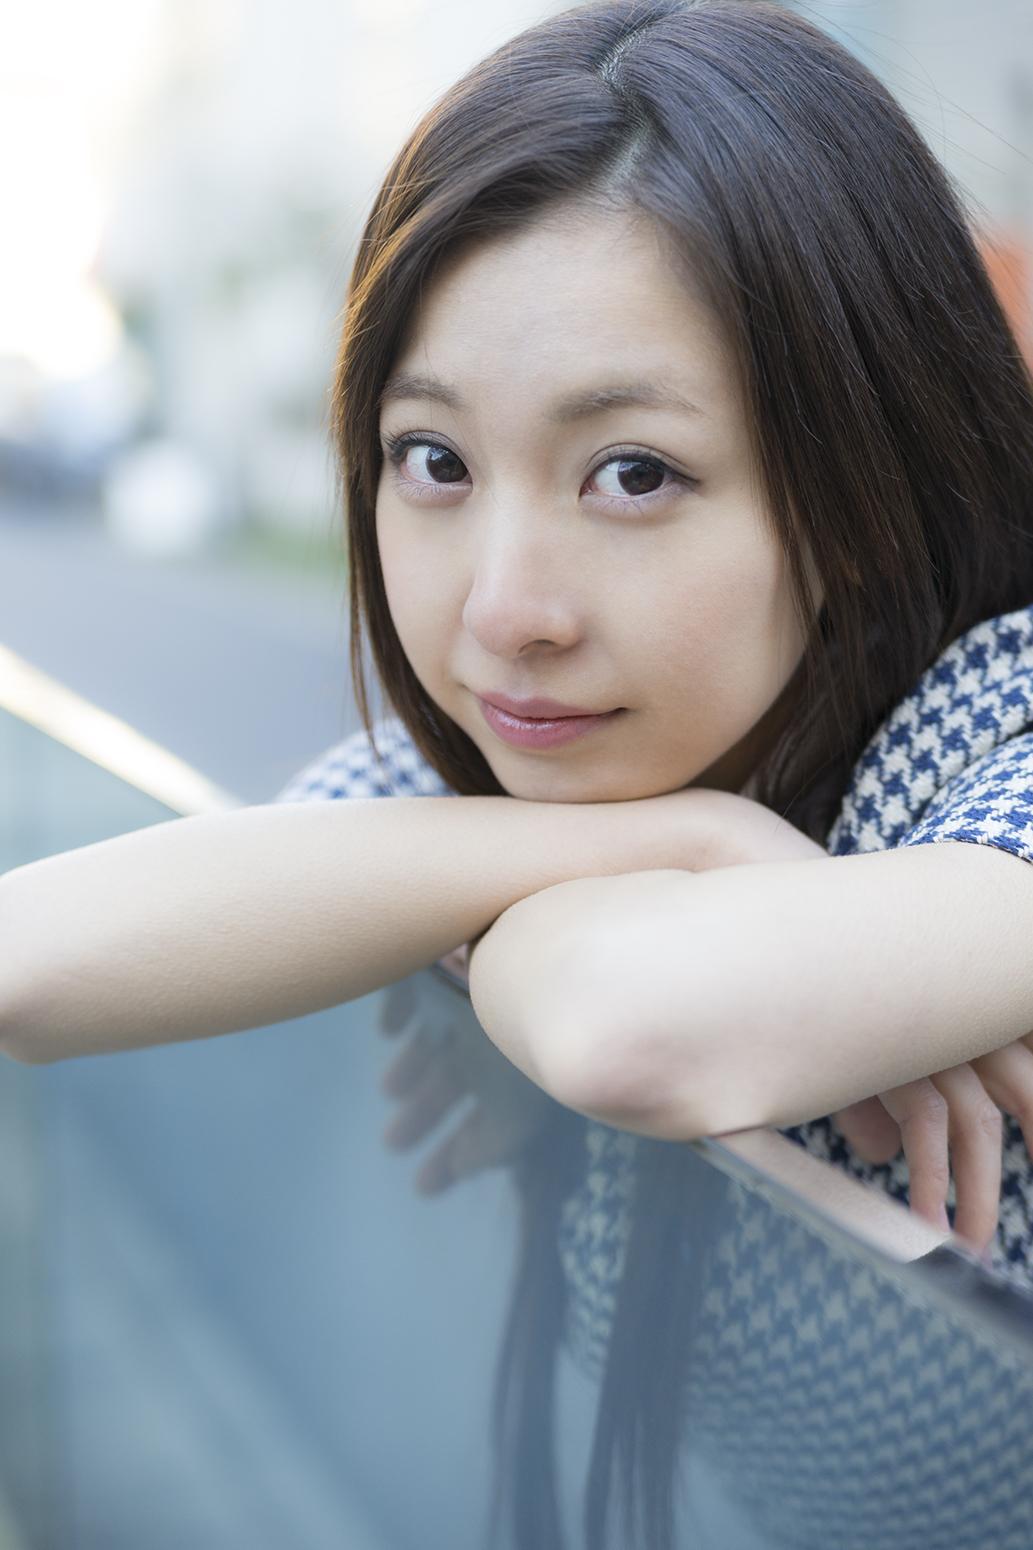 小松千春投稿画像406枚&18熟女 KINBAKU SM BONDAGE